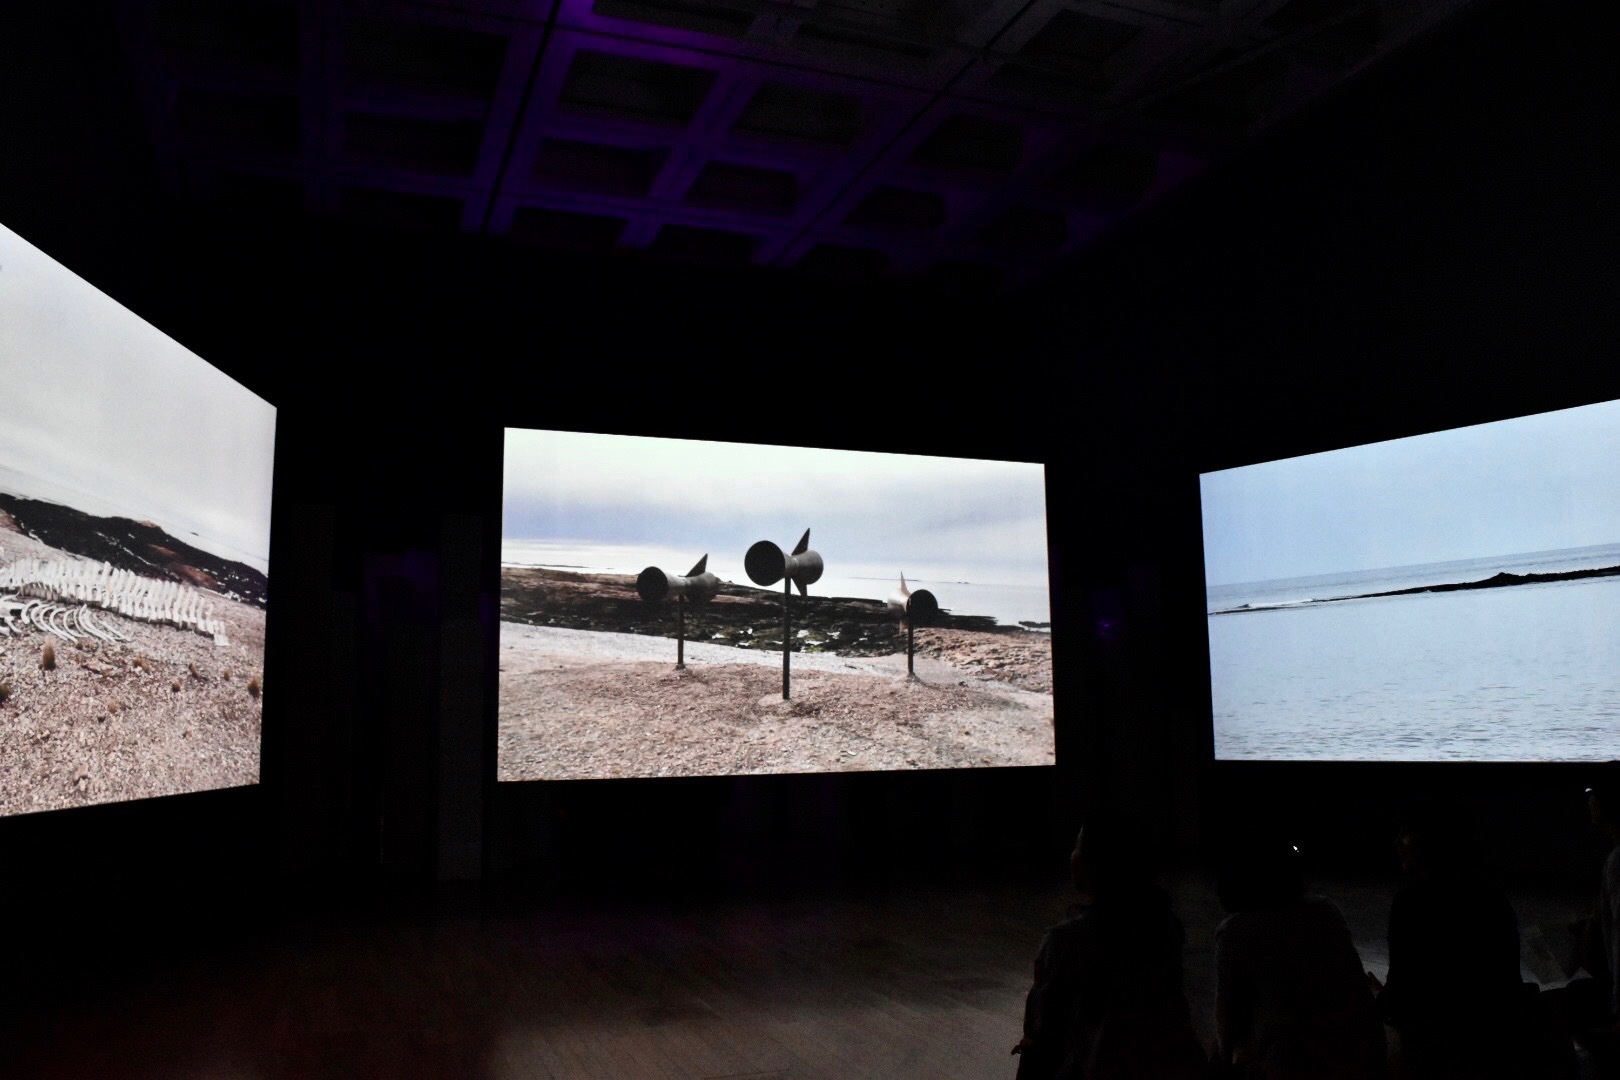 《ミステリオス》 2017年 「クリスチャン・ボルタンスキー −Lifetime」展 2019年 国立新美術館展示風景